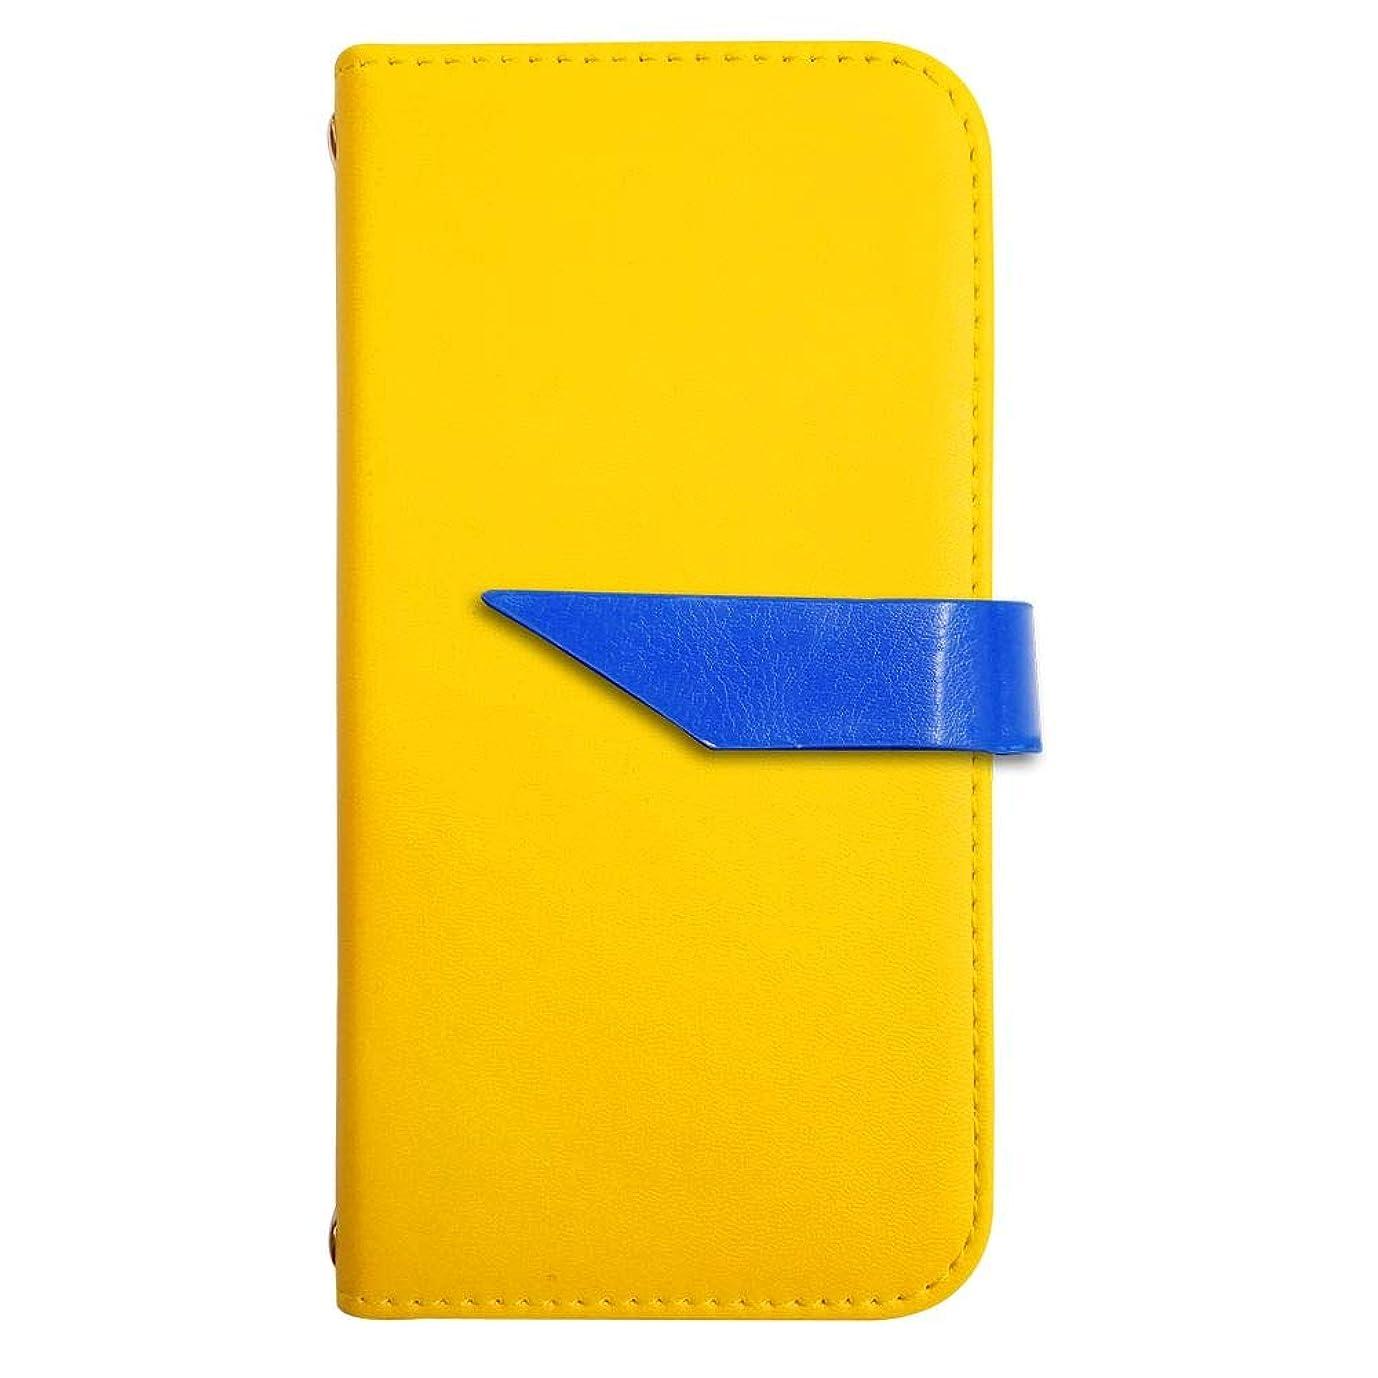 緩める眉をひそめる帆sslink iPod touch6 アイポッドタッチ6 ケース 手帳型 スマホケース ななめ(ダークブルー) ベルト きせかえ belty おしゃれ (カバー色イエロー) ダイアリータイプ 横開き カード収納 フリップ カバー スマートフォン